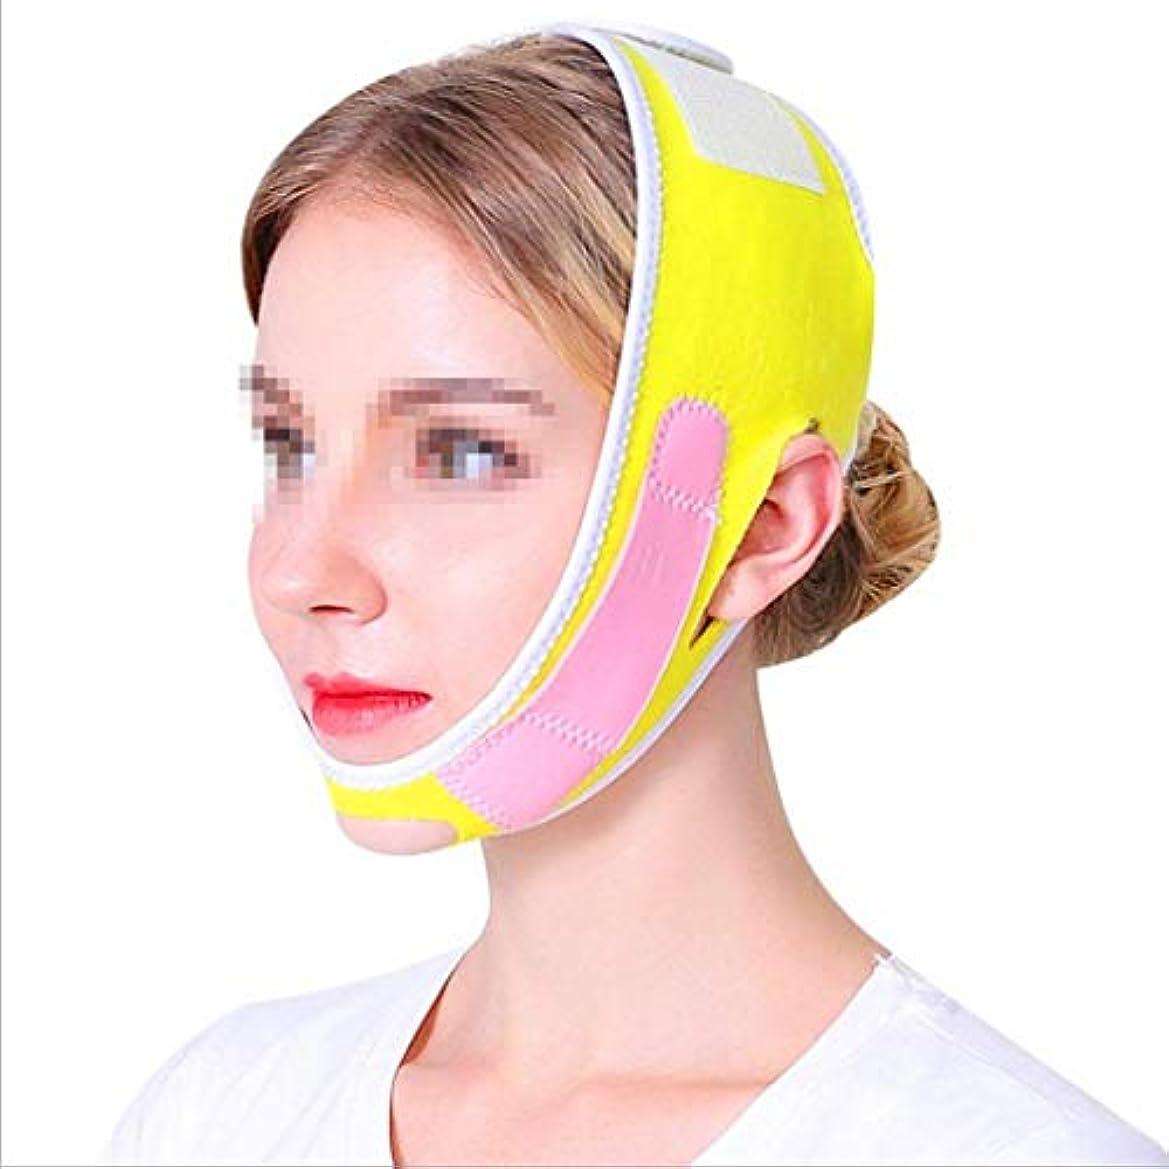 高齢者密度粘着性フェイスリフトマスク、Vフェイスフェイシャルリフティング、およびローラインにしっかりと締め付けます二重あごの美容整形包帯マルチカラーオプション(カラー:イエロー),黄